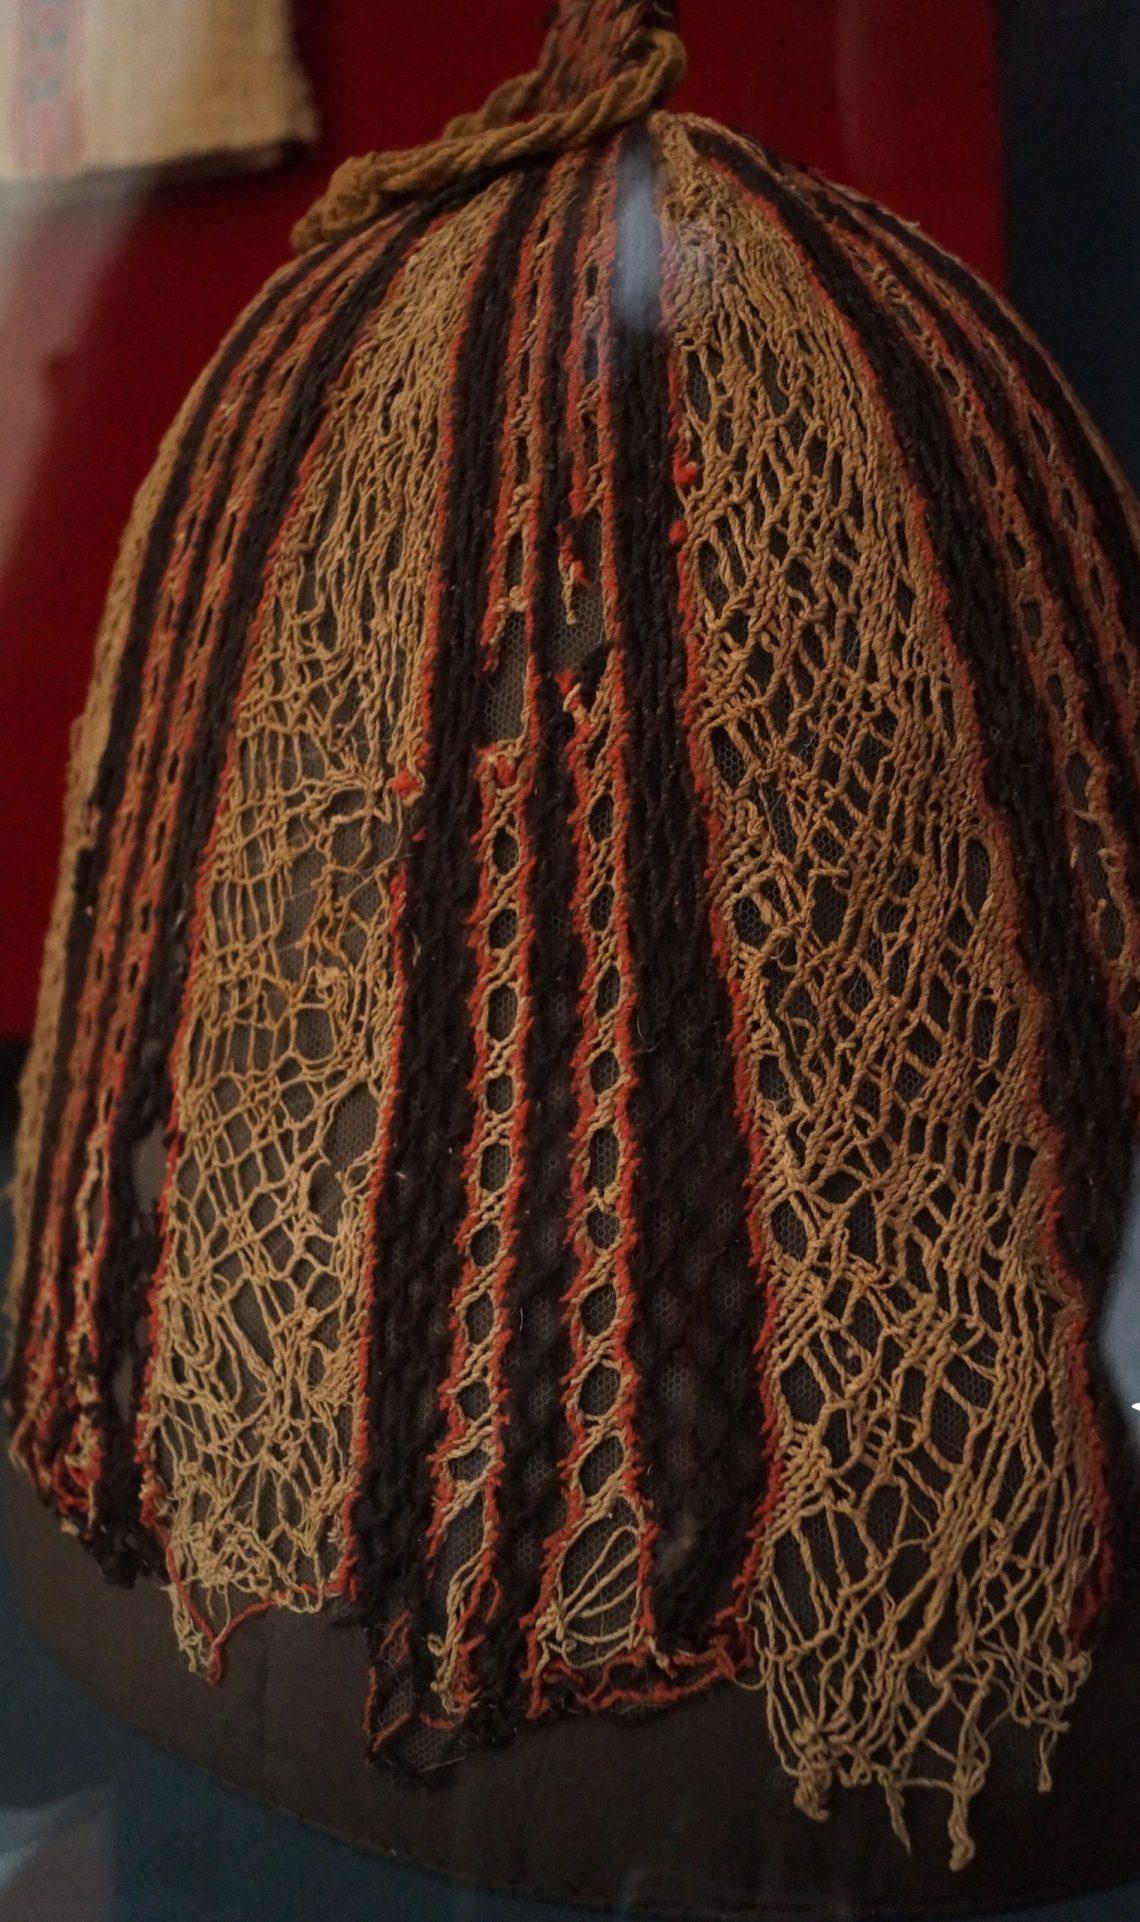 Sprang hairnet - Bode Museum